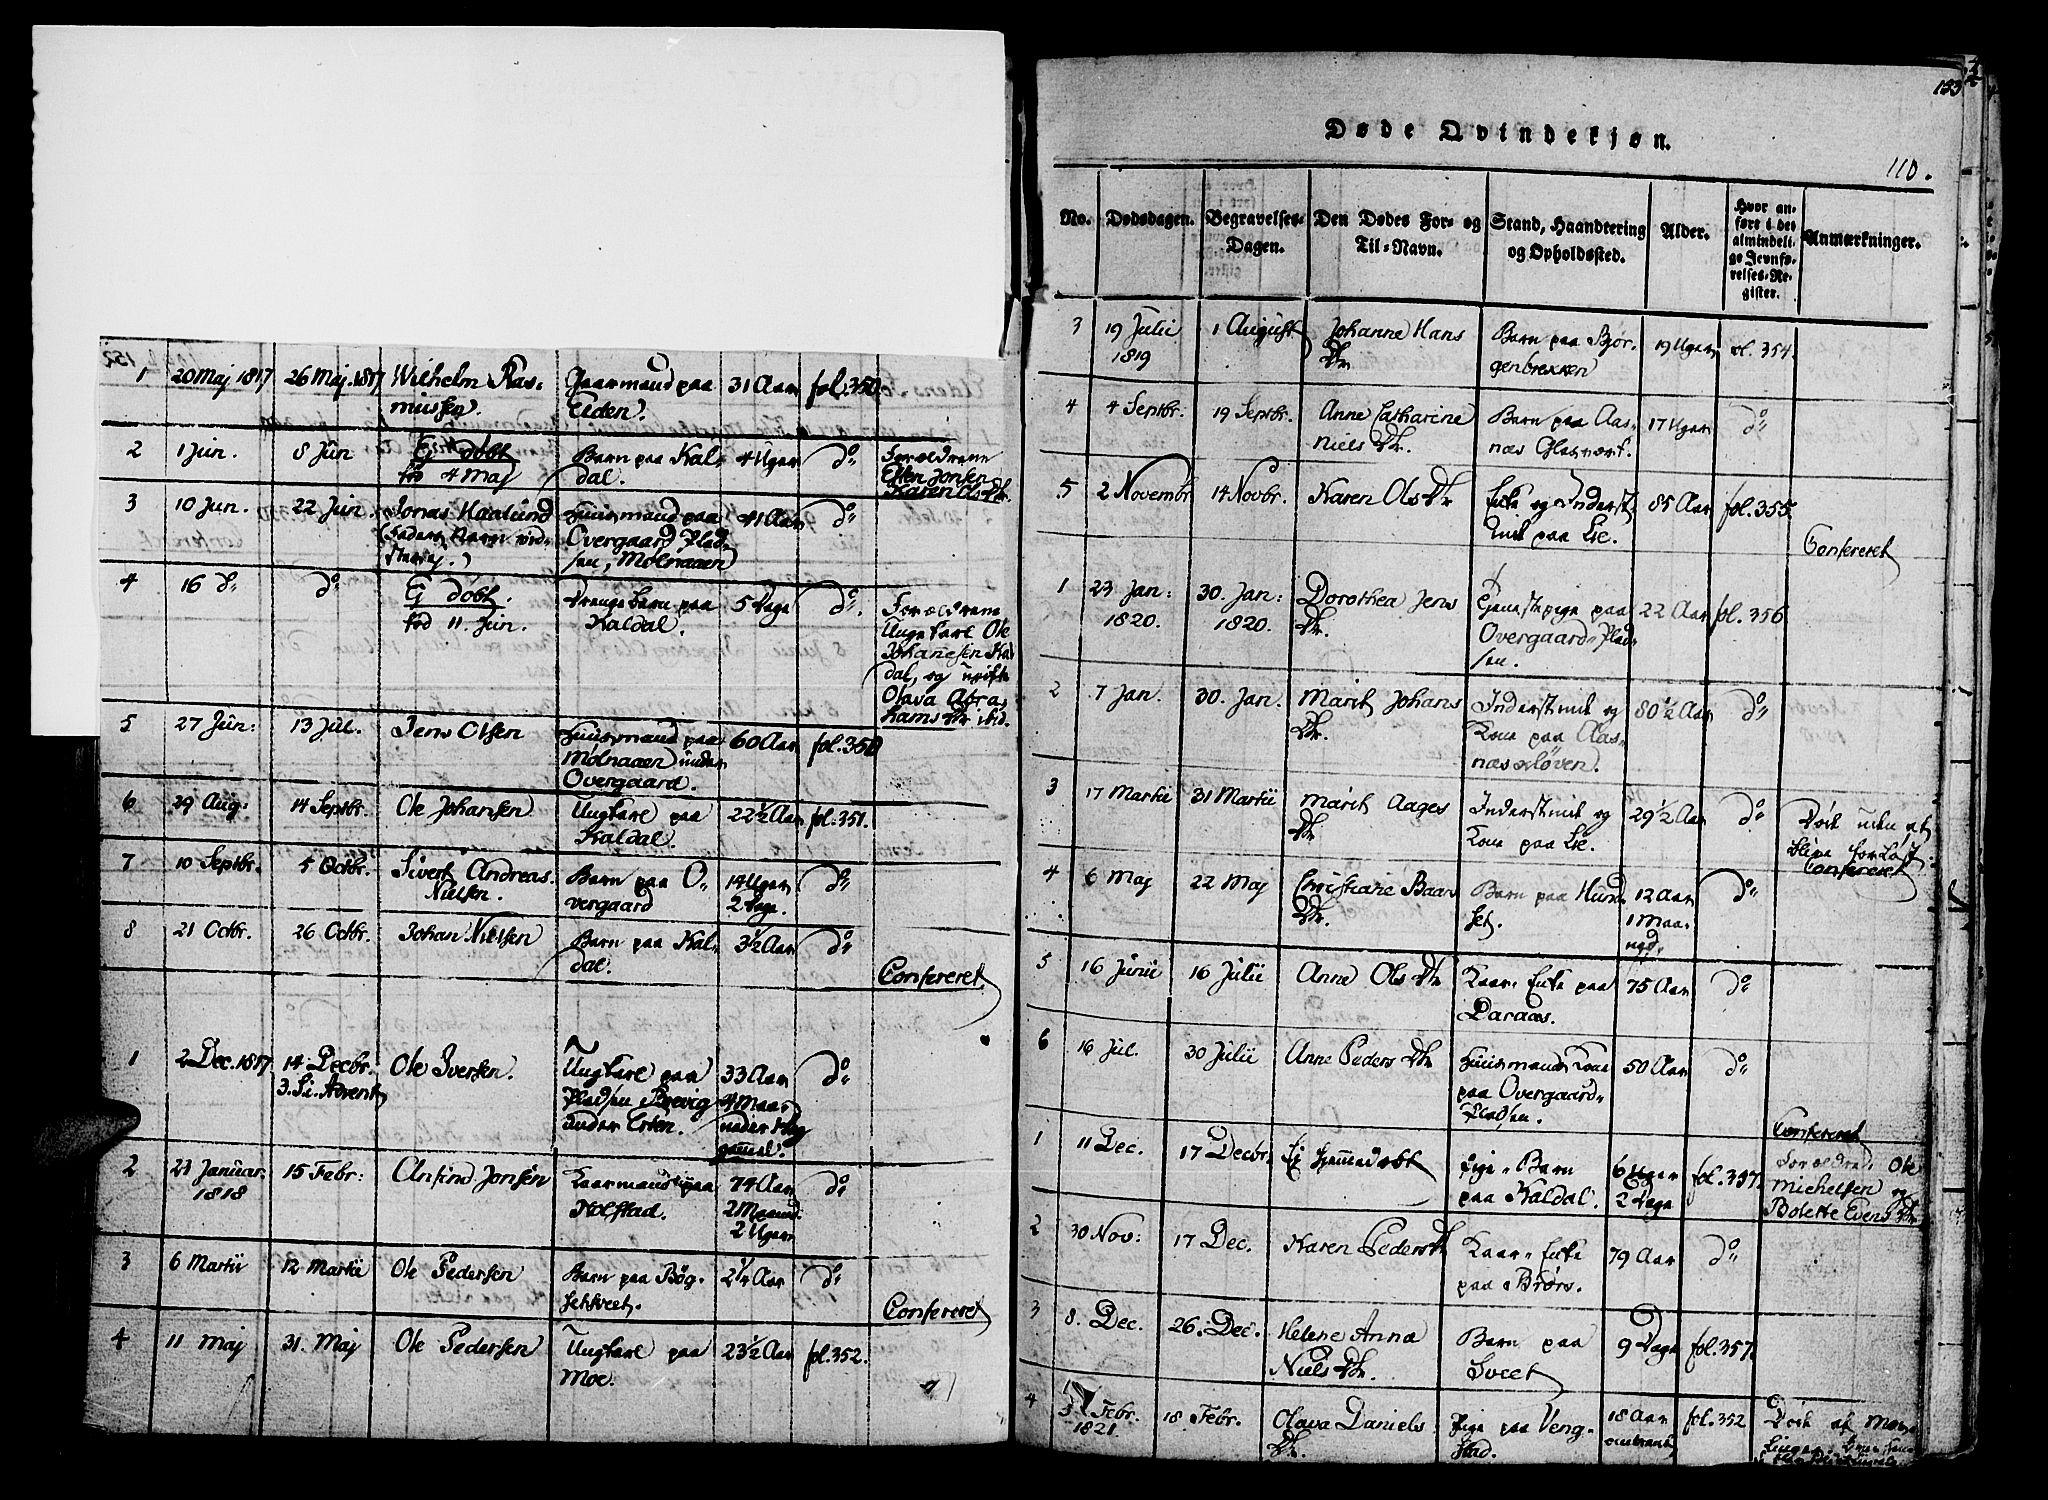 SAT, Ministerialprotokoller, klokkerbøker og fødselsregistre - Nord-Trøndelag, 741/L0387: Ministerialbok nr. 741A03 /3, 1817-1822, s. 110